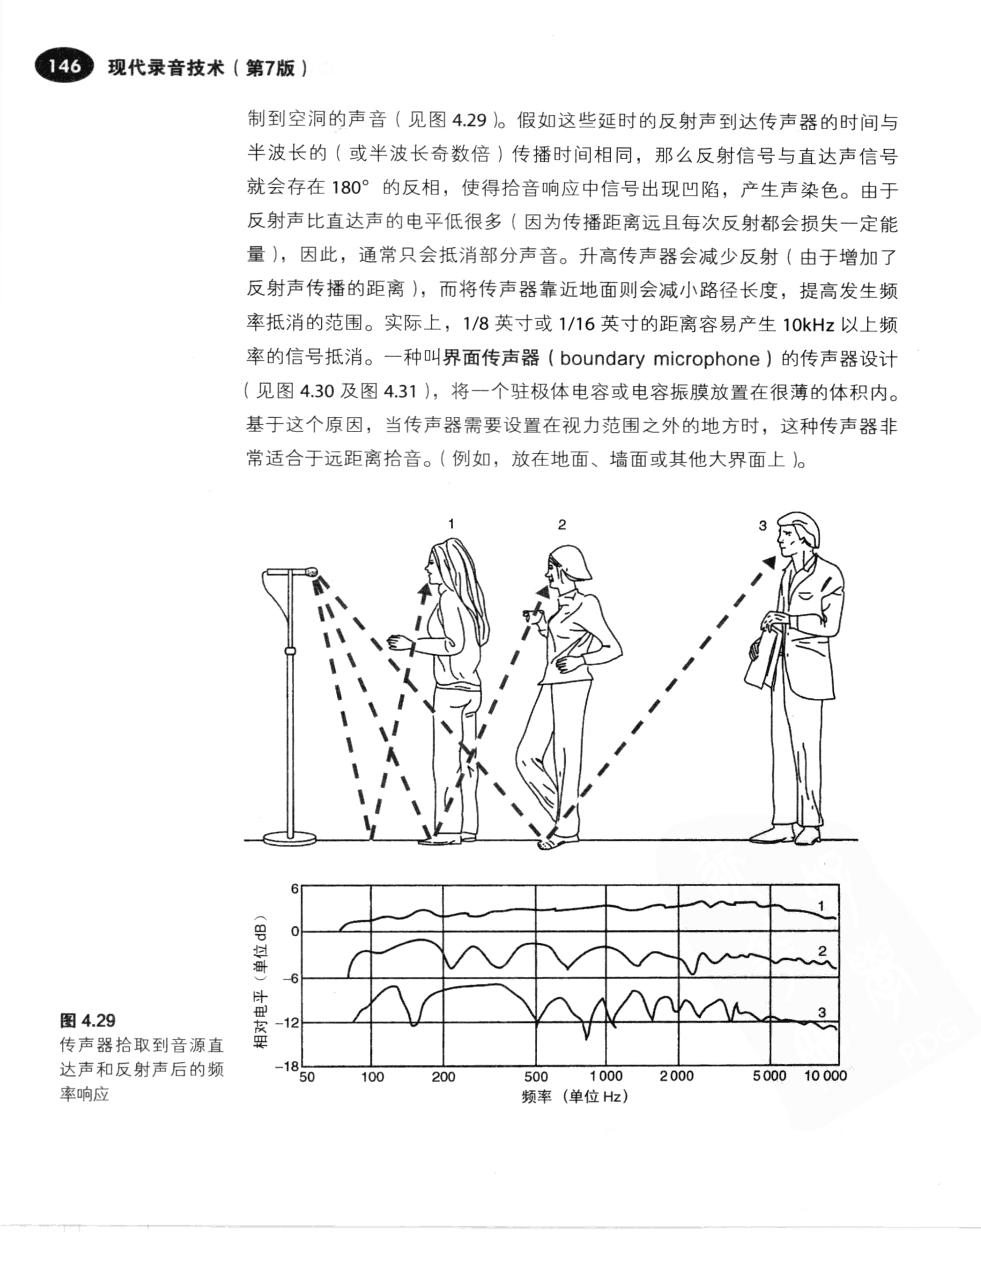 现代录音技术(第7版) 173